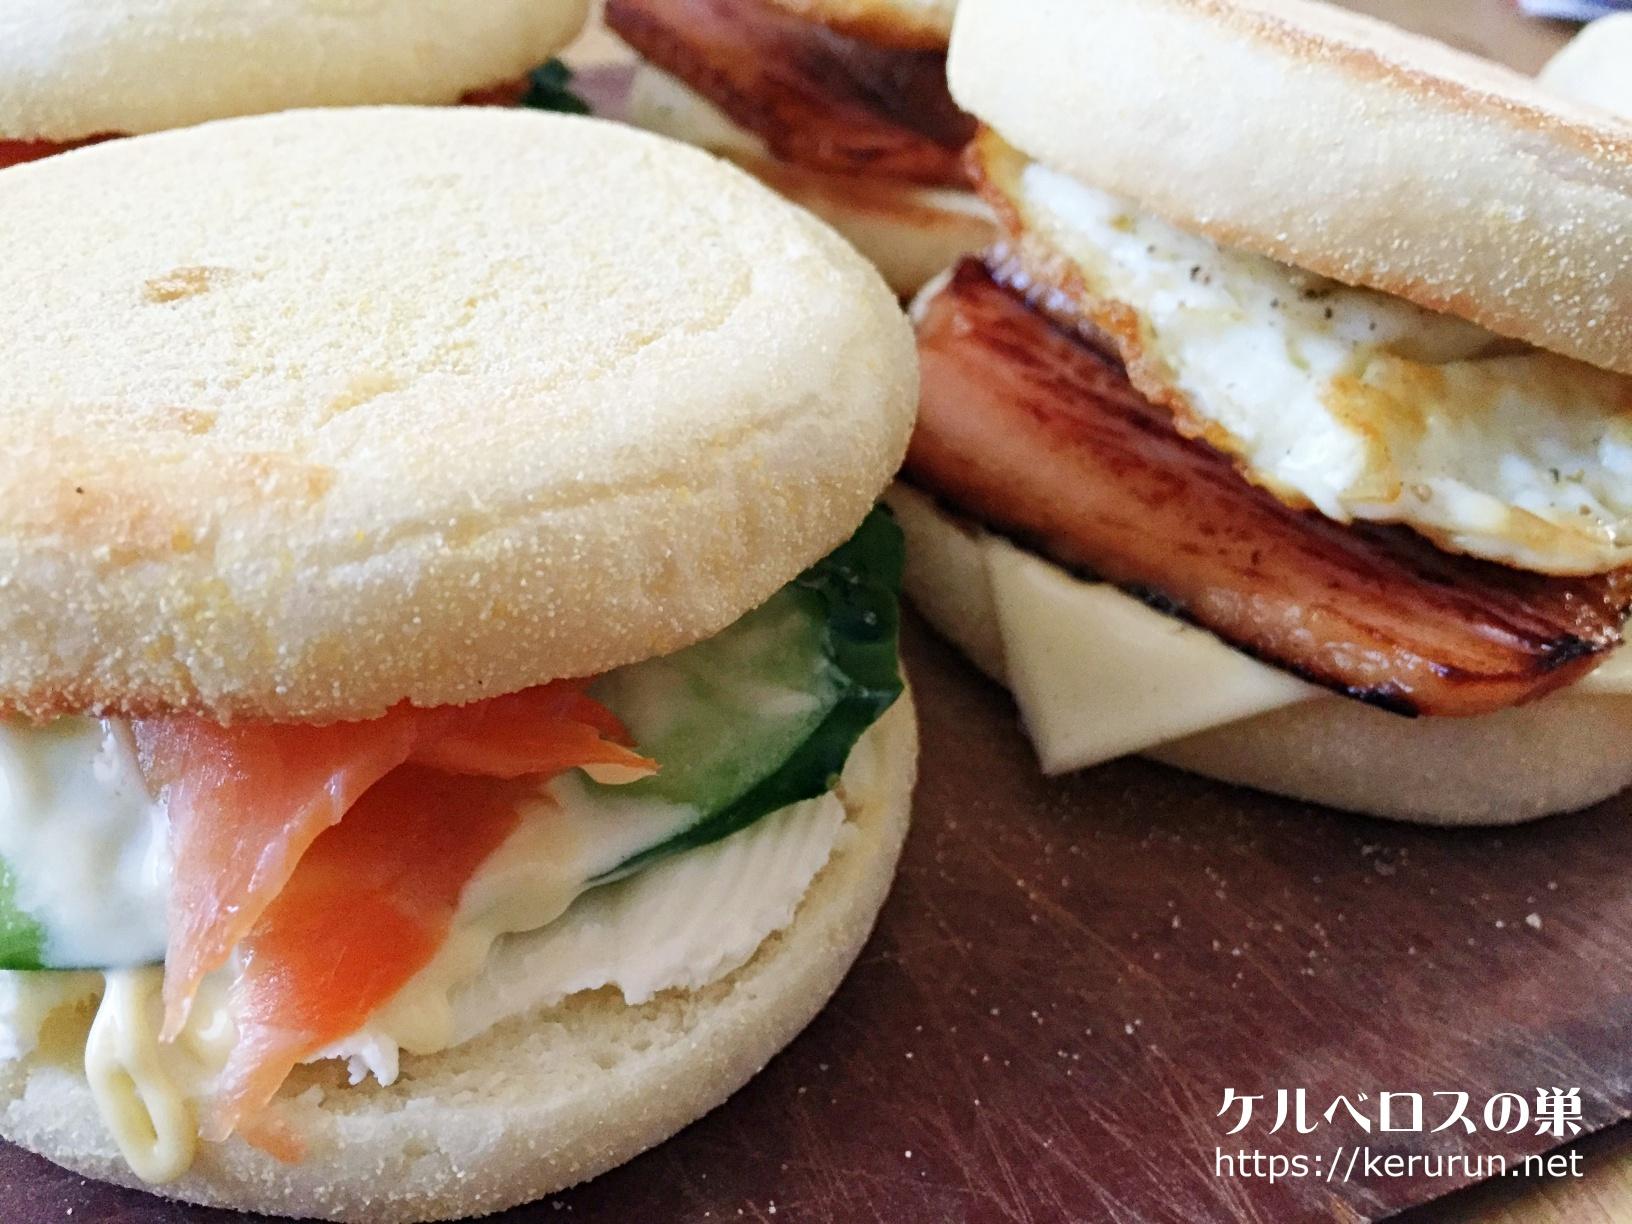 イングリッシュマフィンのサンドイッチ。